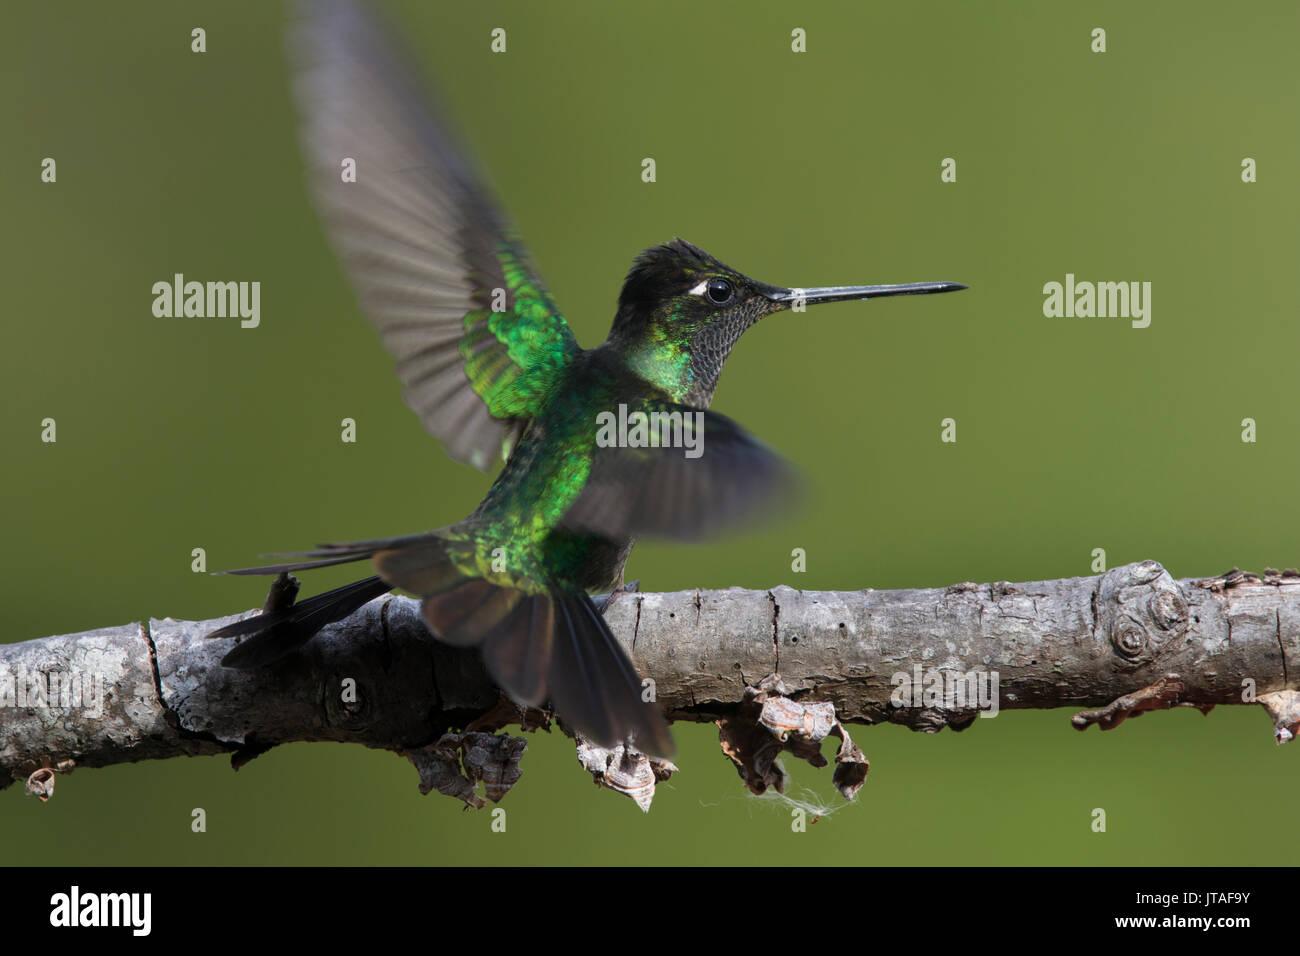 Verde-incoronato brillante (Hummingbird Heliodoxa jacula) prendendo il largo, Mount Totumas Cloud Forest, Chiriqui provincia, Panama. Immagini Stock